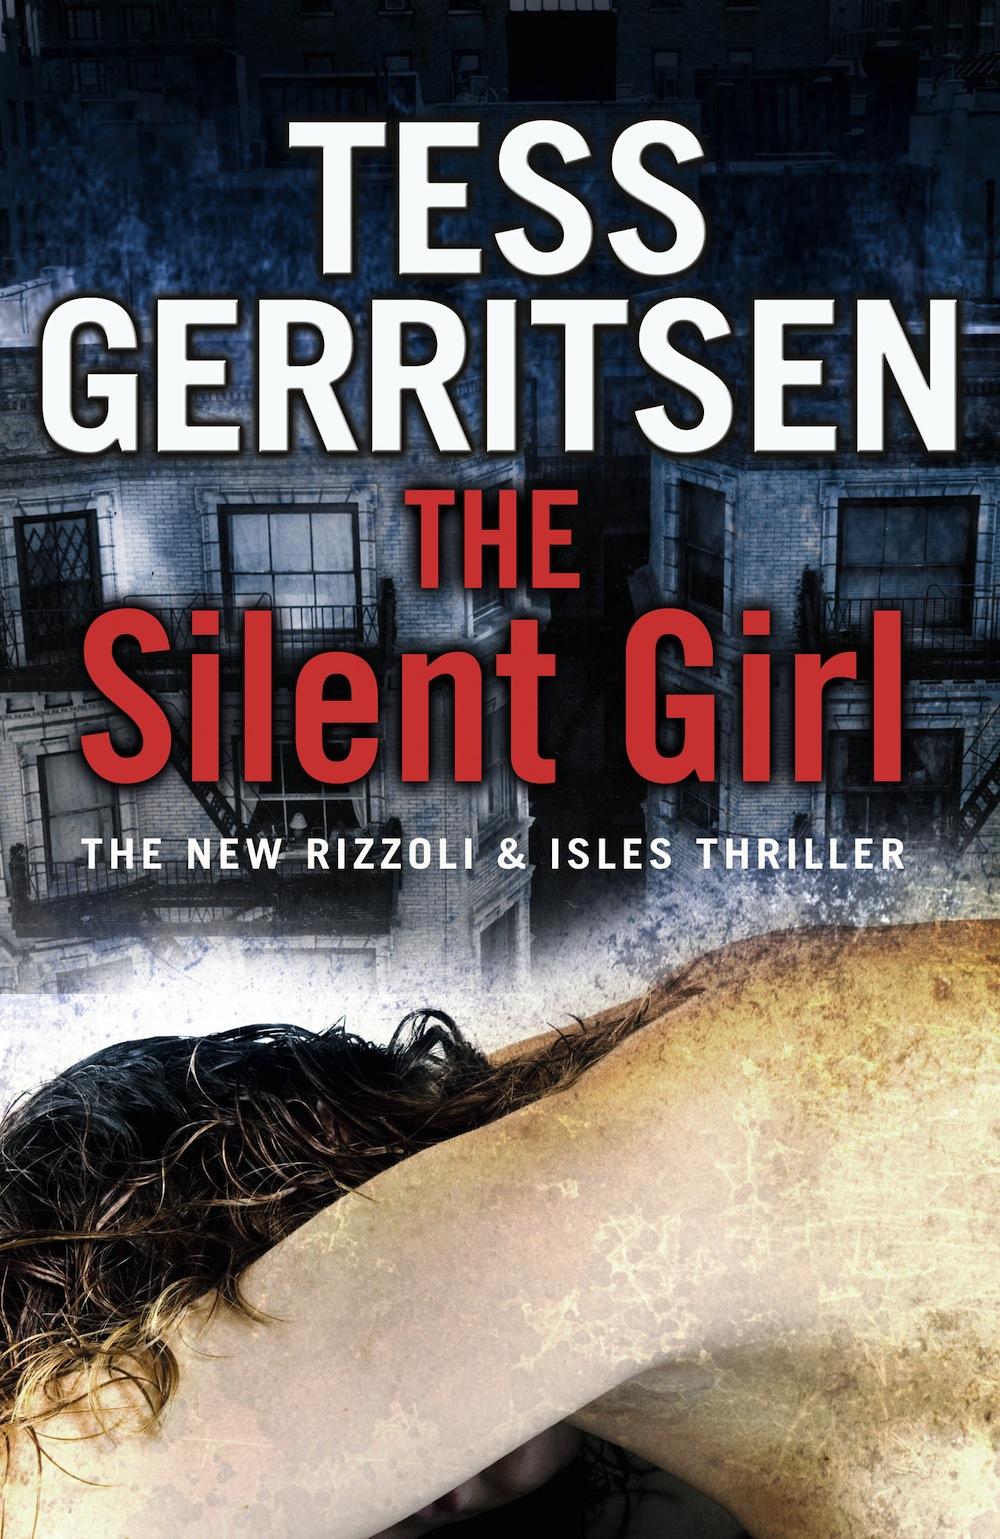 tess-gerritsen-the-silent-girl